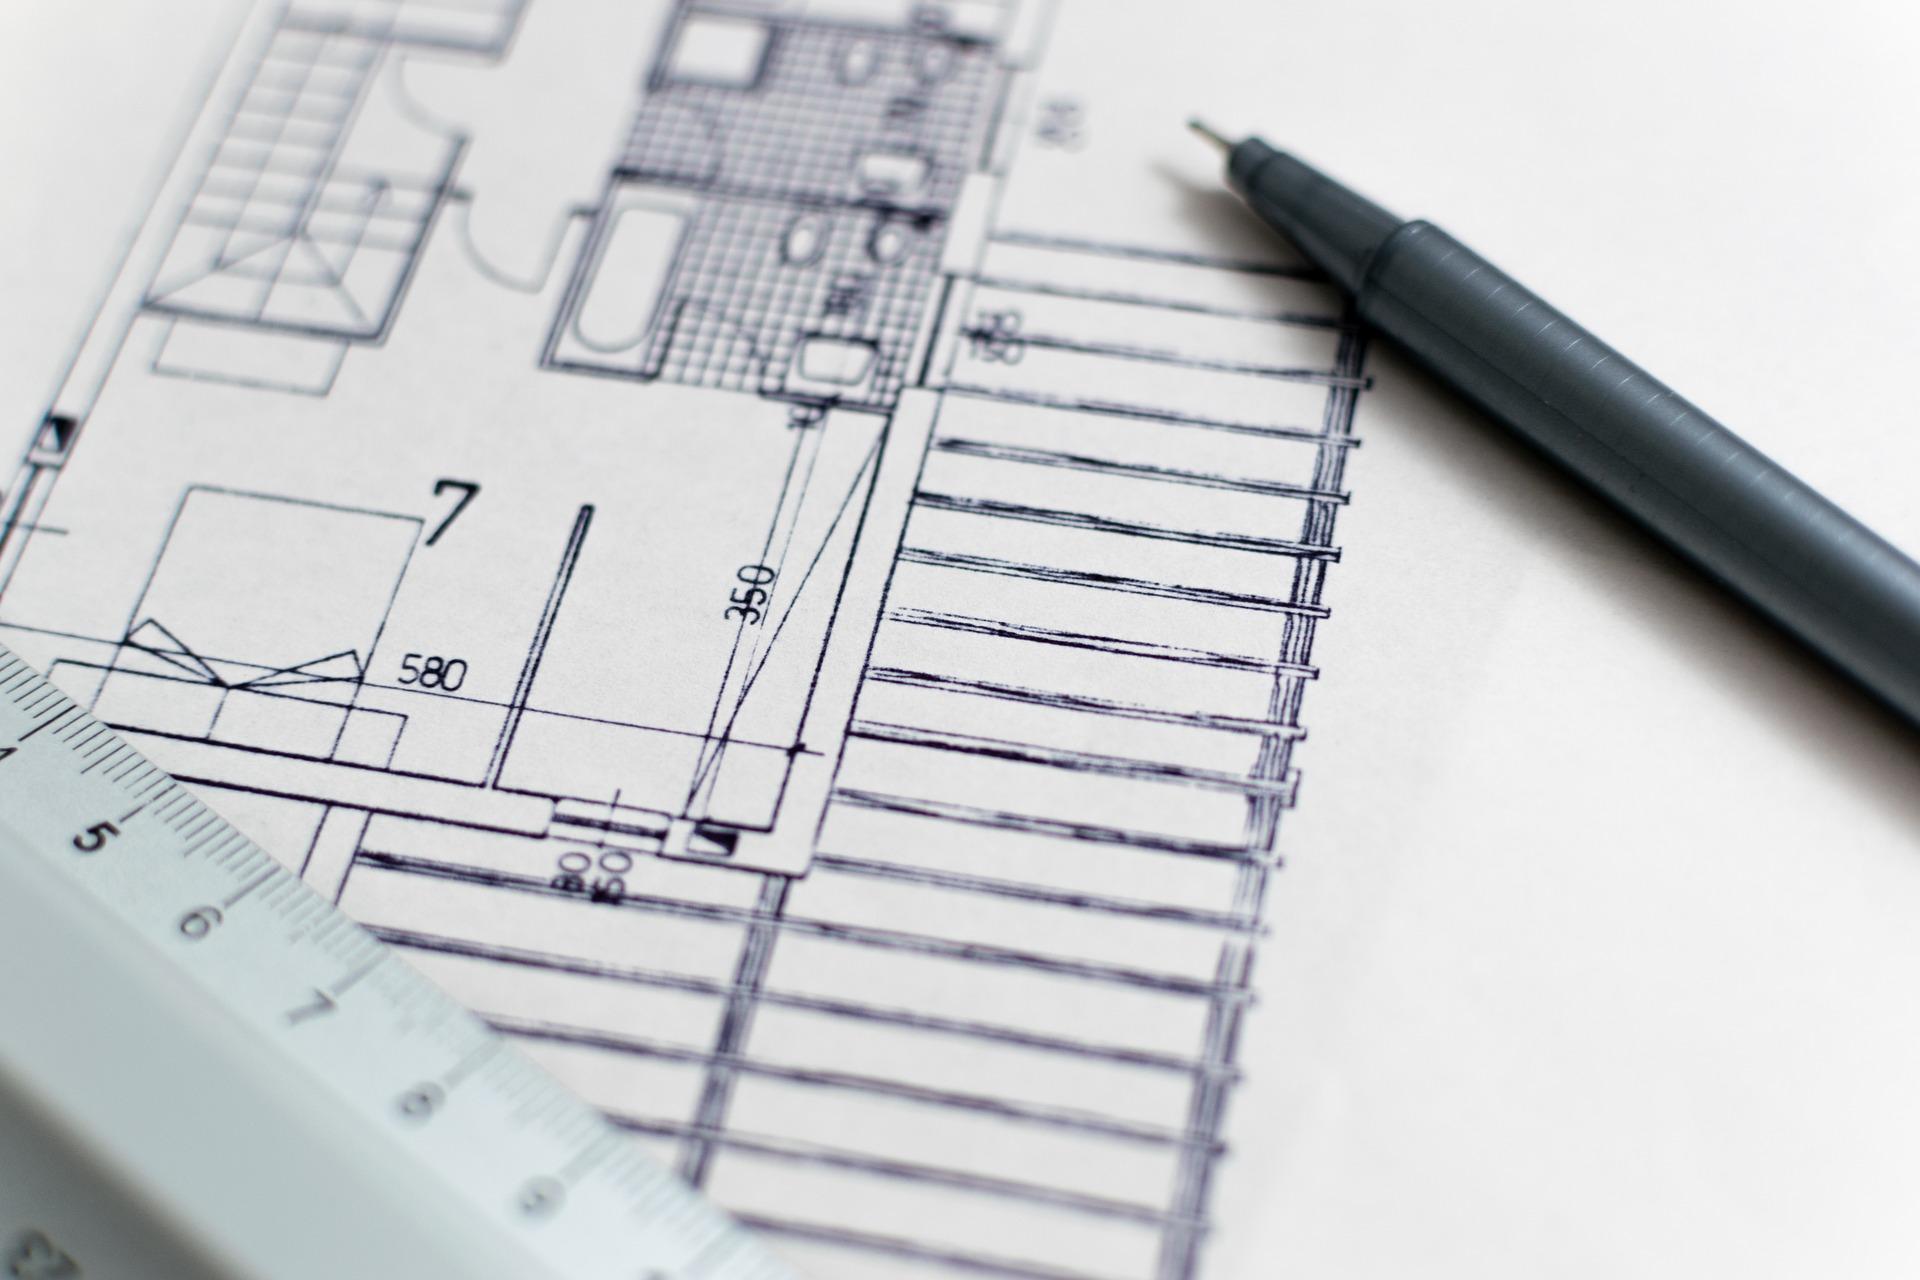 【家づくりコラム】家を建てる時、この法令は最低限知っておこう。 アイキャッチ画像